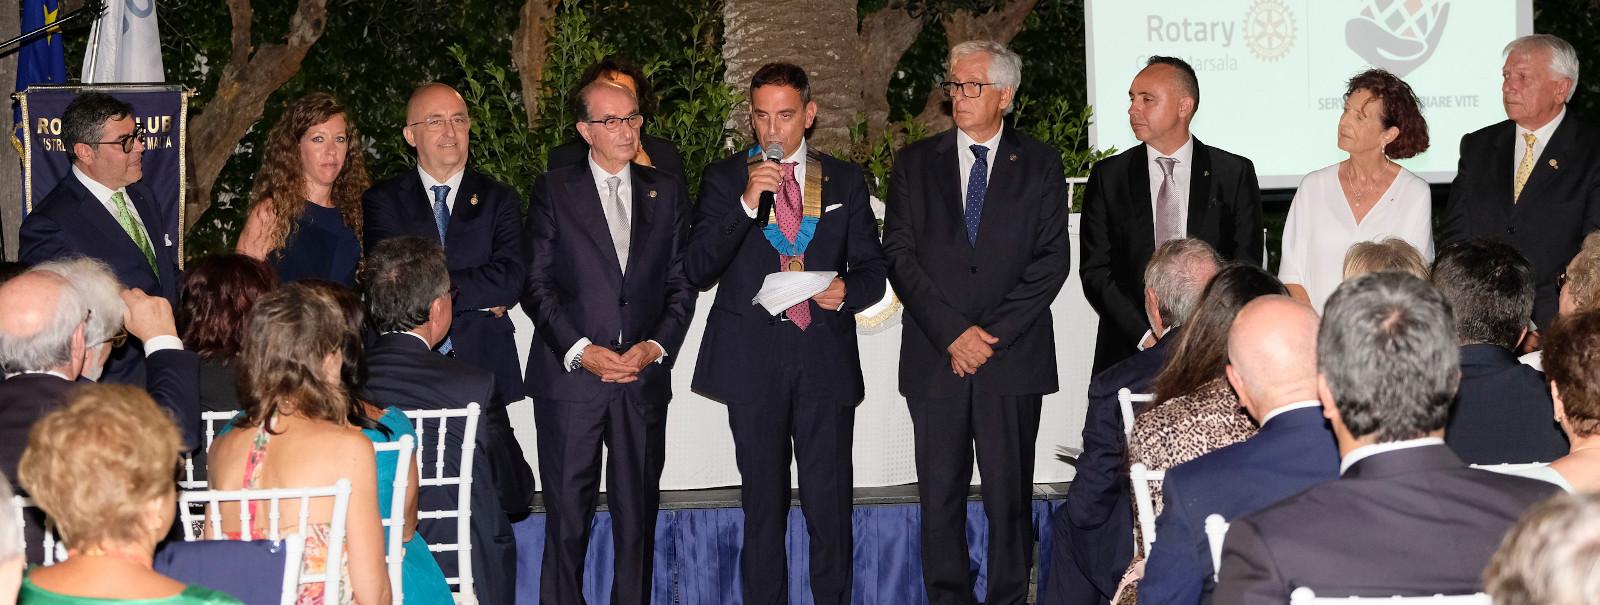 Rotary Club Marsala - Servire per Cambiare Vite